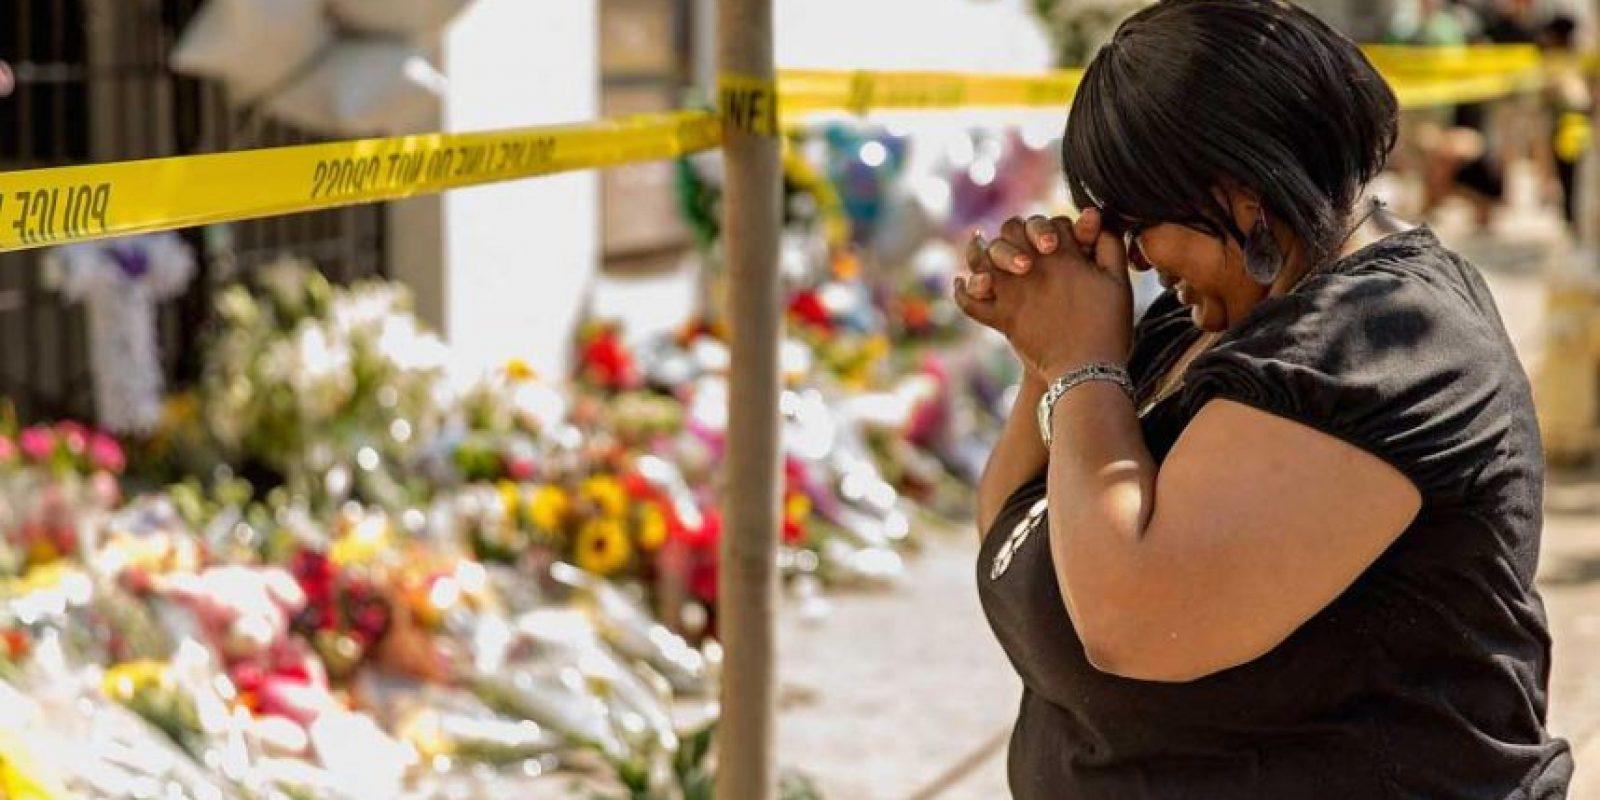 En junio de 2015, una iglesia de Charleston, Carolina del Sur, frecuentada por la comunidad afroamericana, fue atacada. El saldo fue de nueve personas muertas. Foto:Getty Images. Imagen Por: